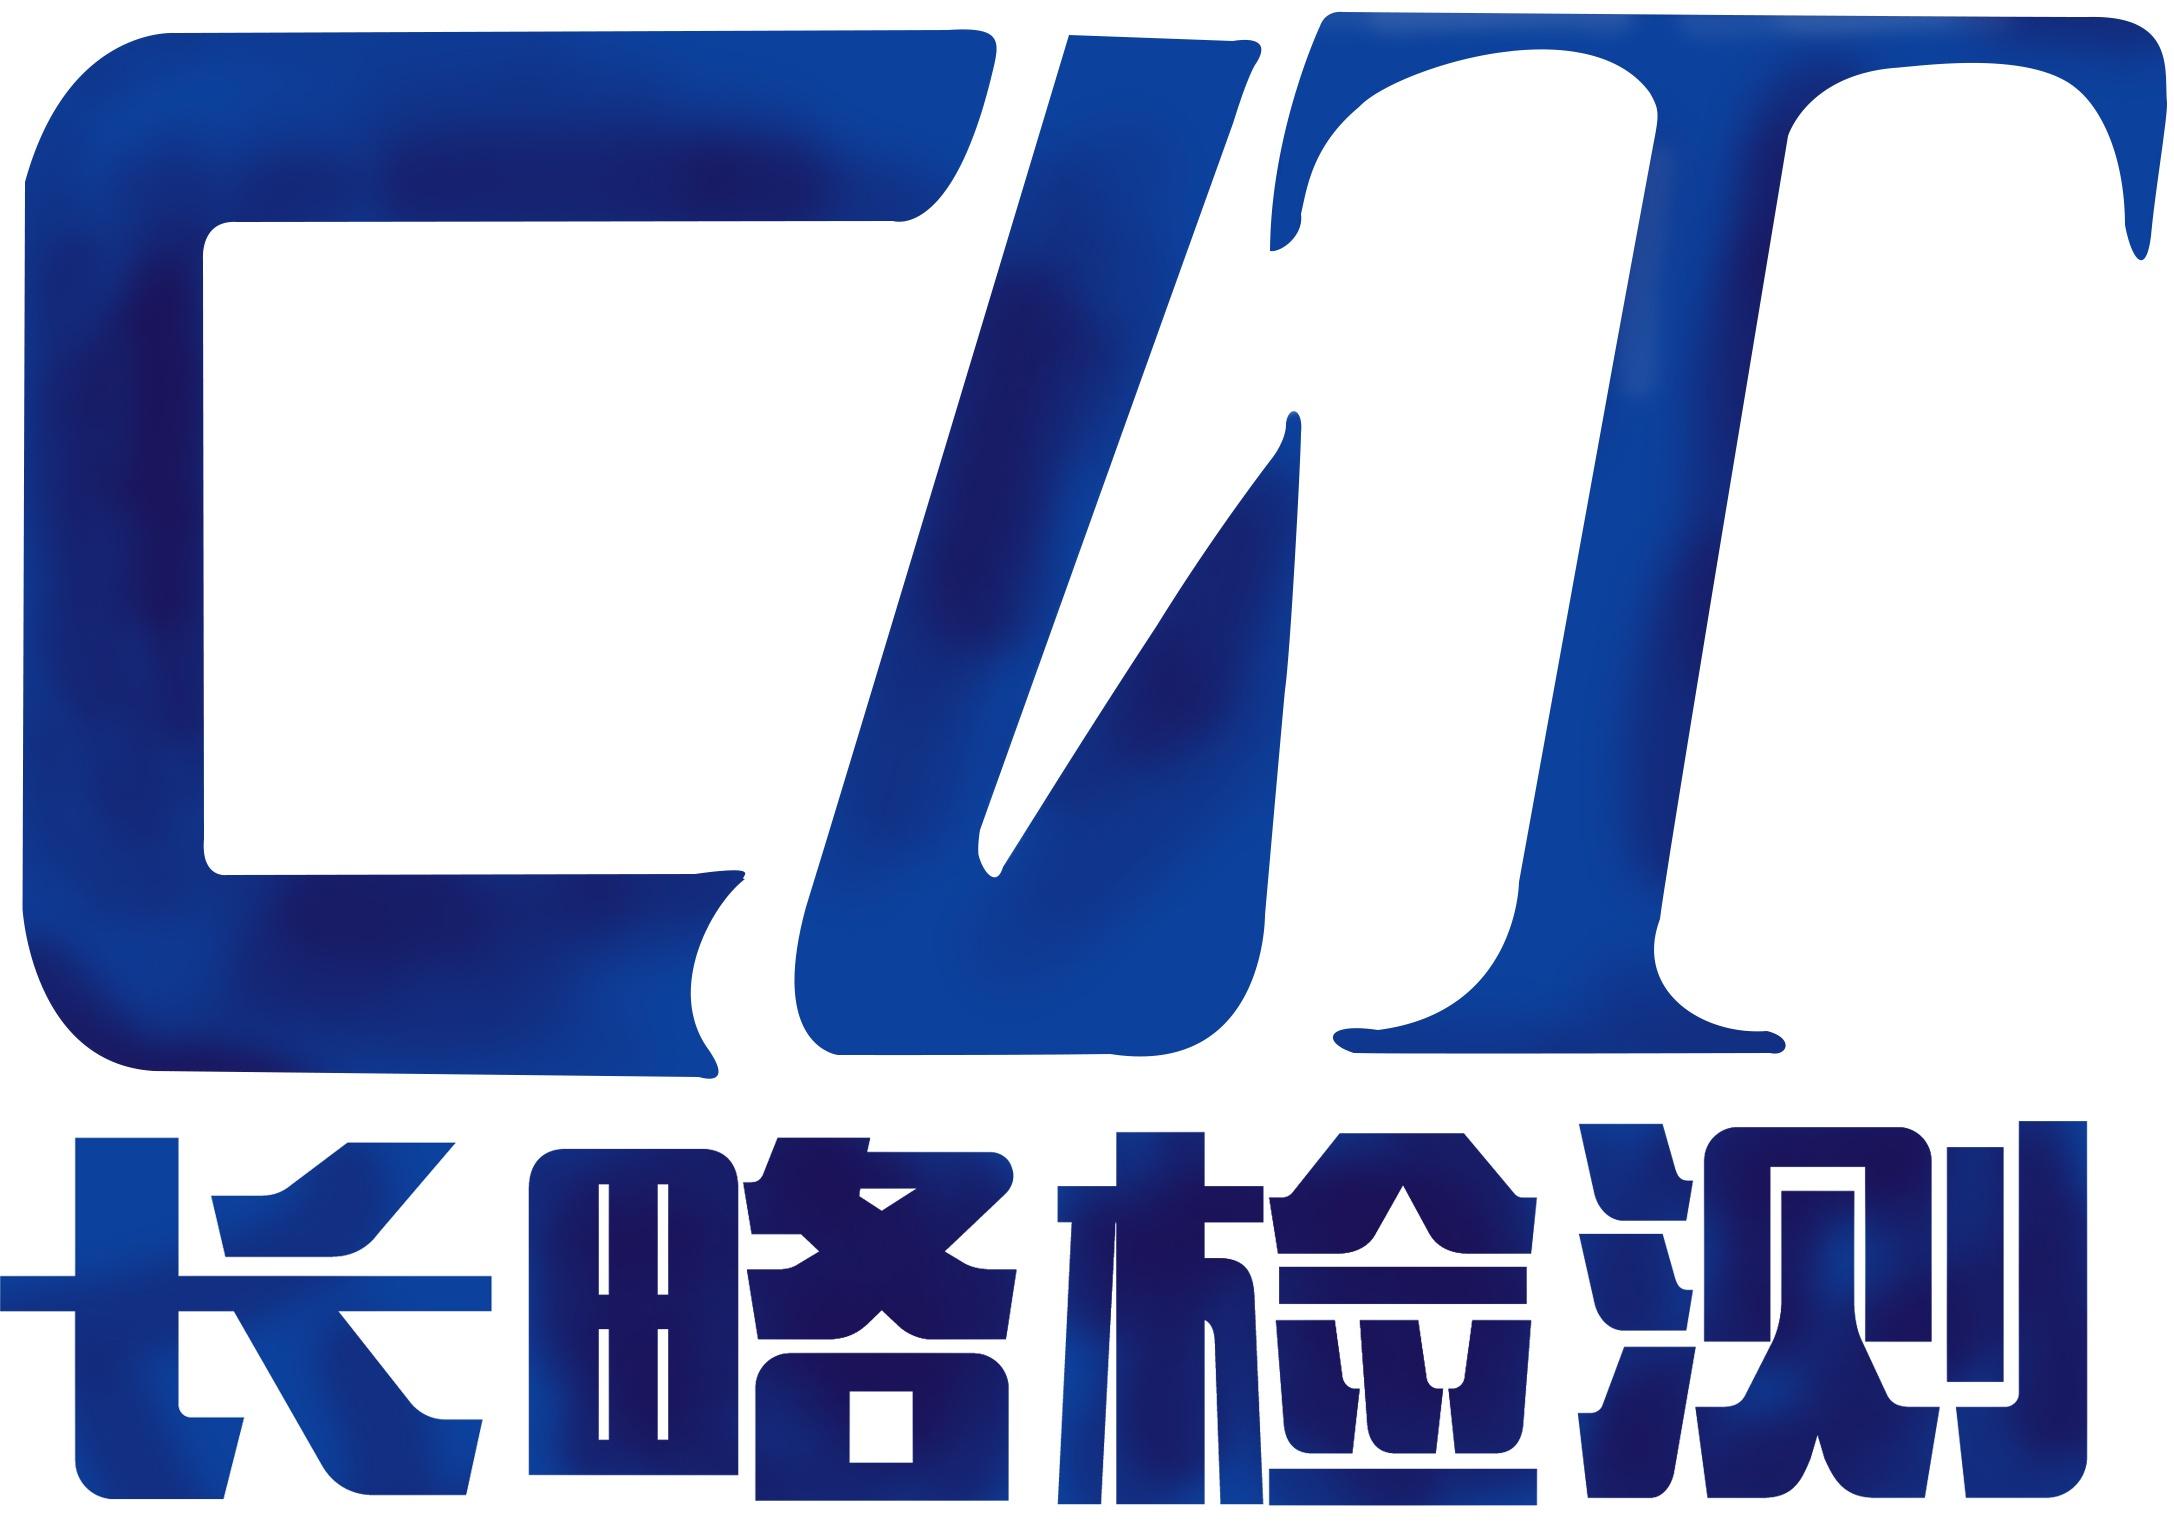 logo logo 标志 设计 矢量 矢量图 素材 图标 2174_1521